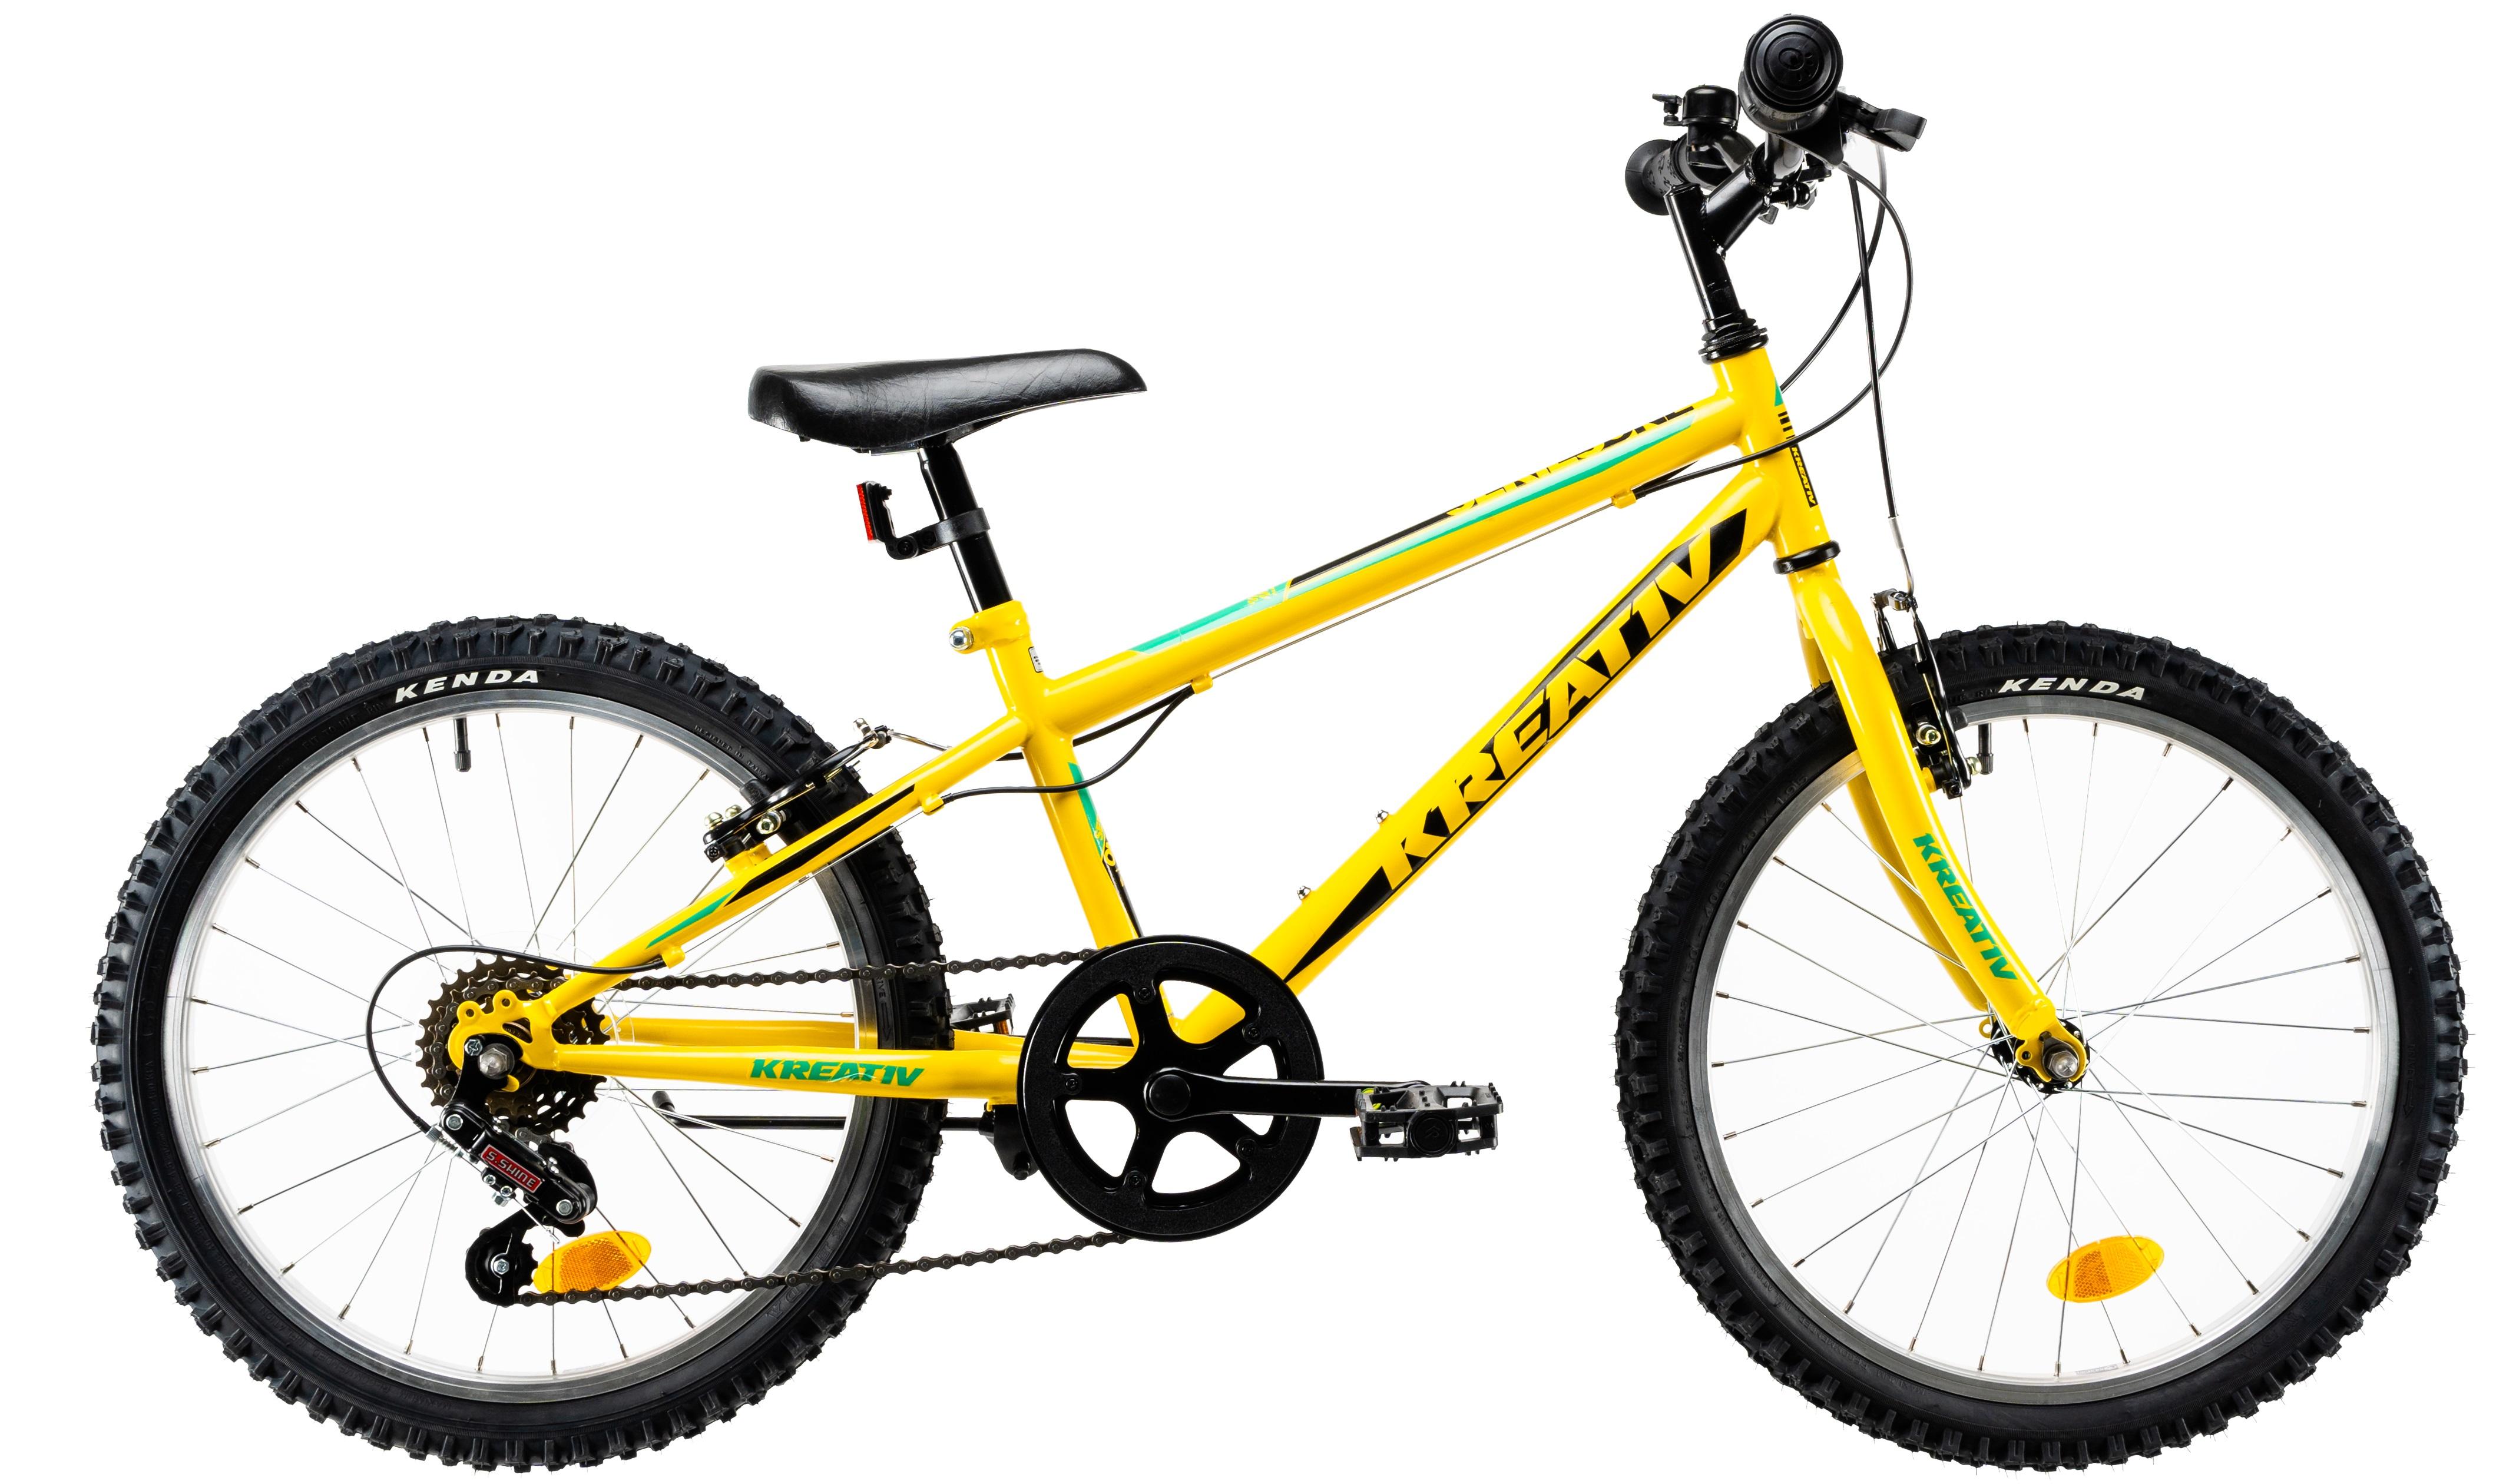 Bicicleta Copii Kreativ 2013 Galben/Verde 20 Inch0